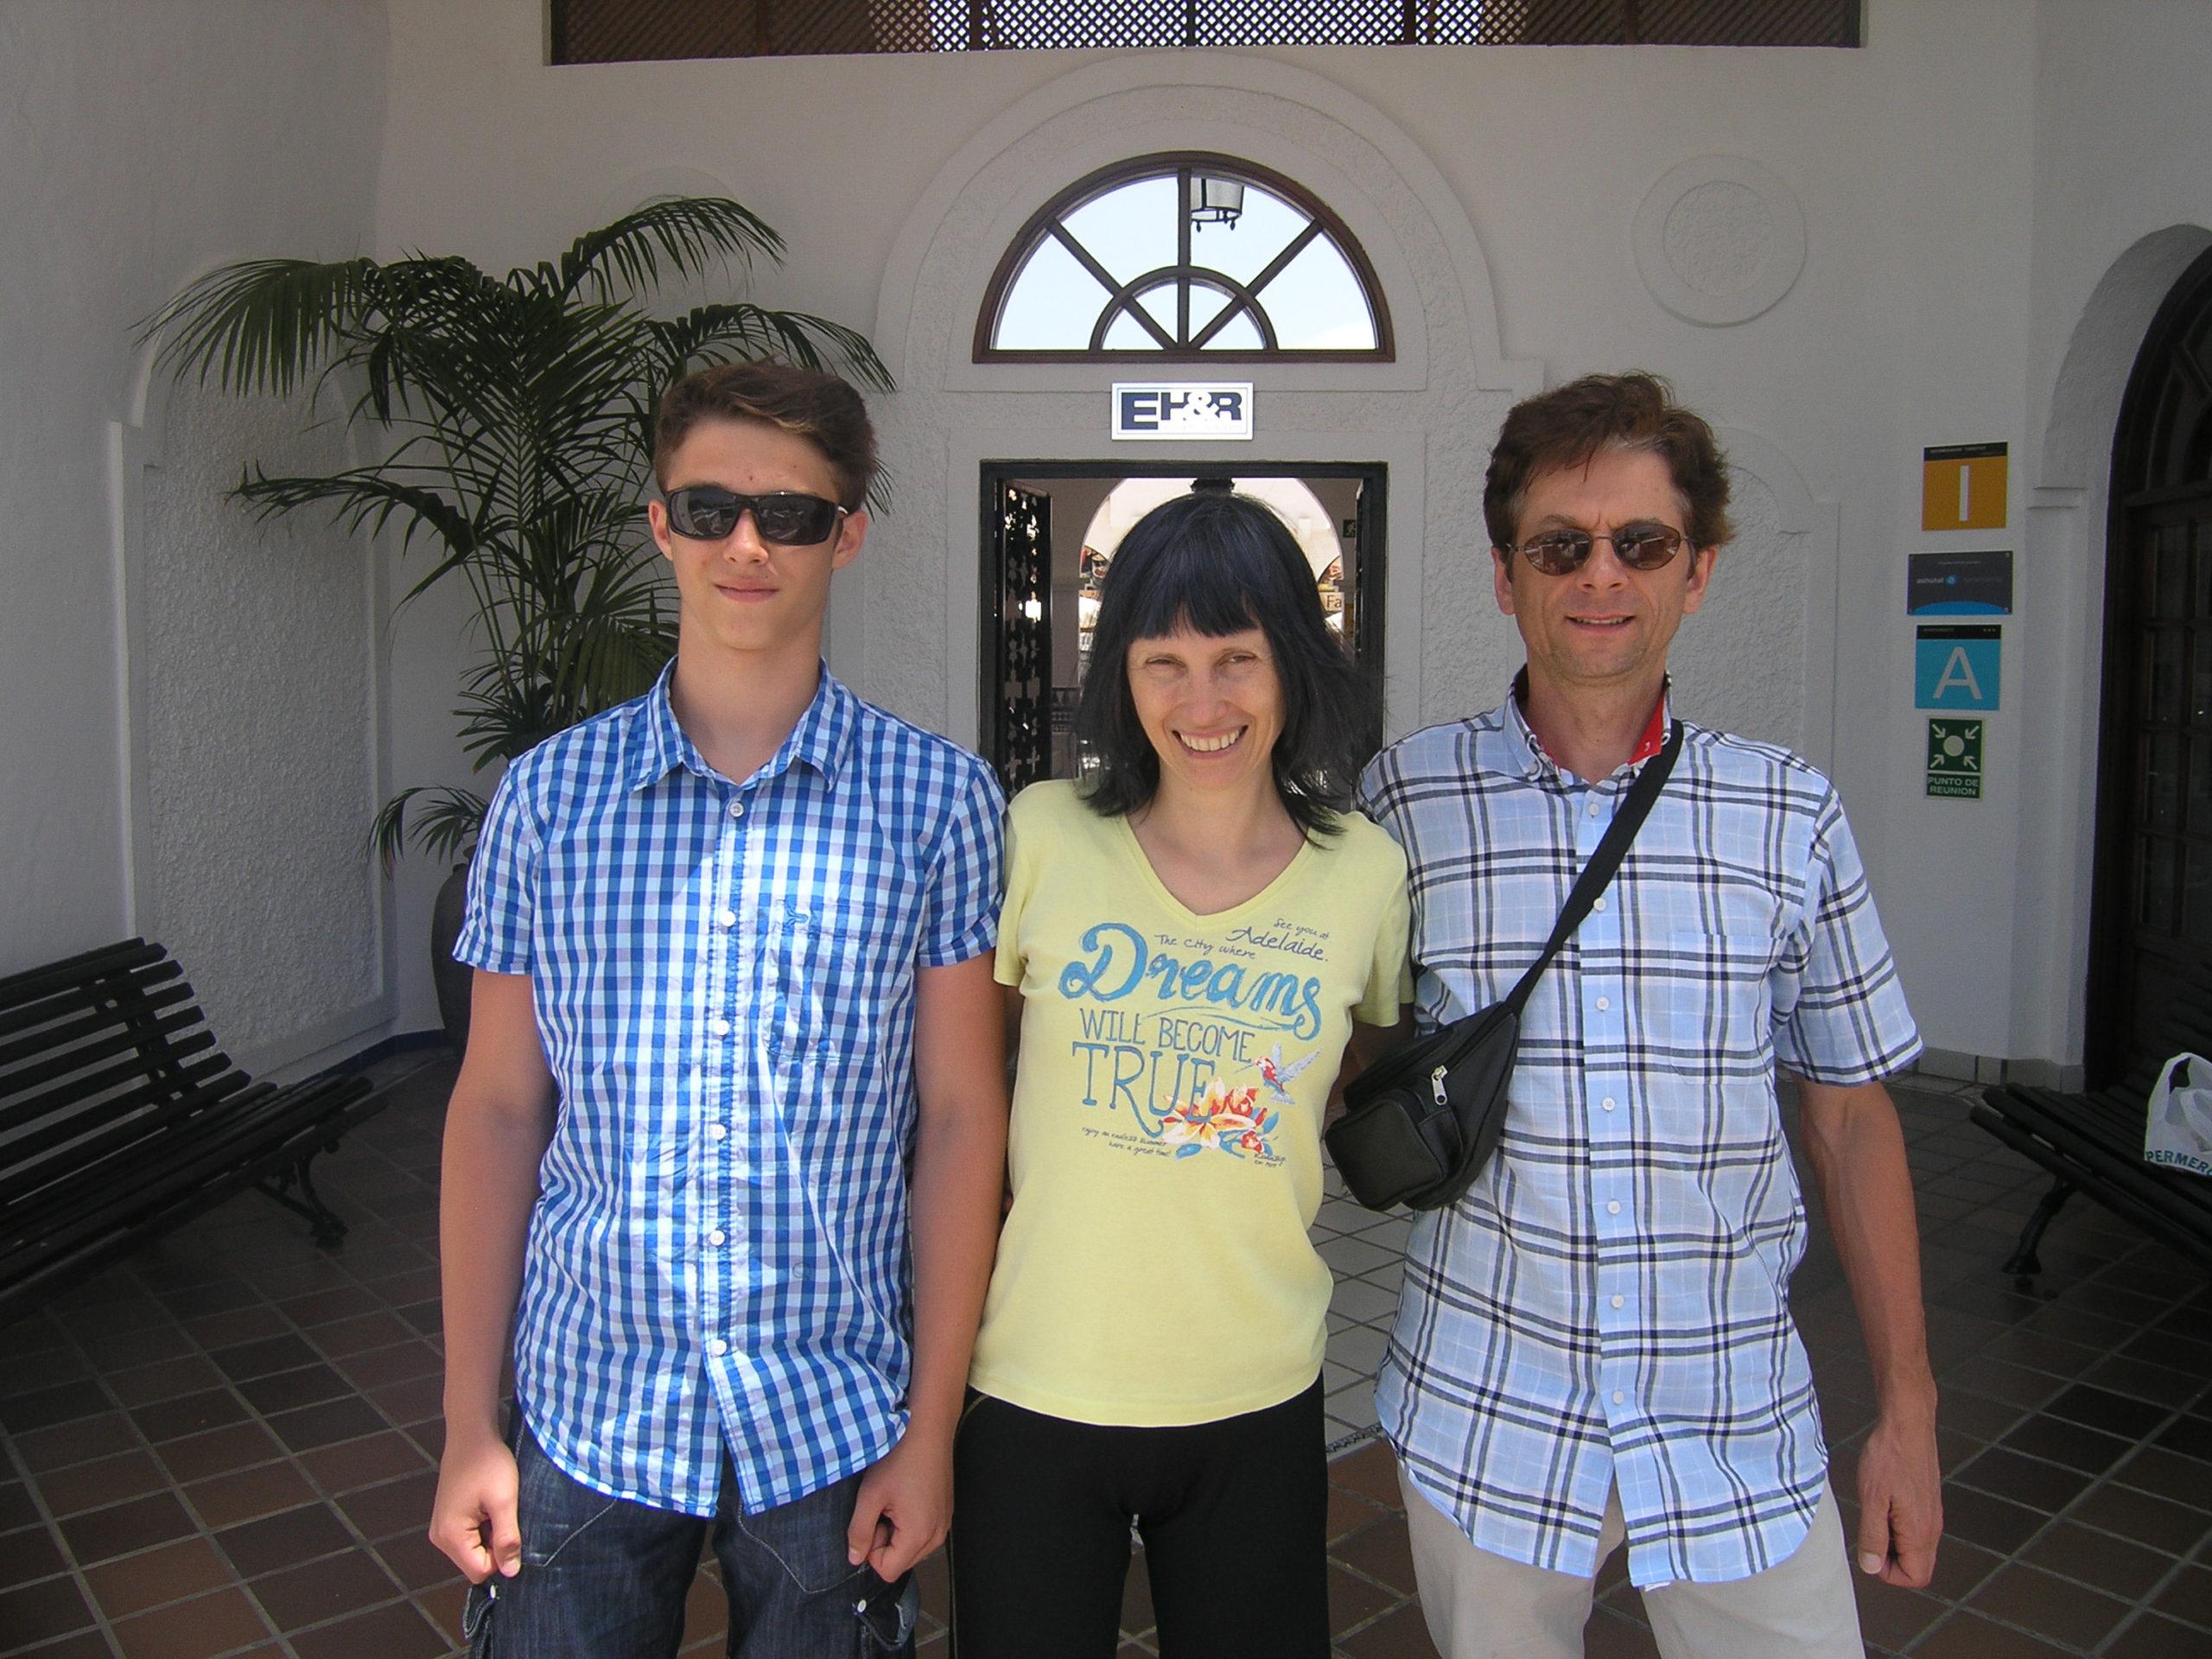 Rodzina przed wejściem